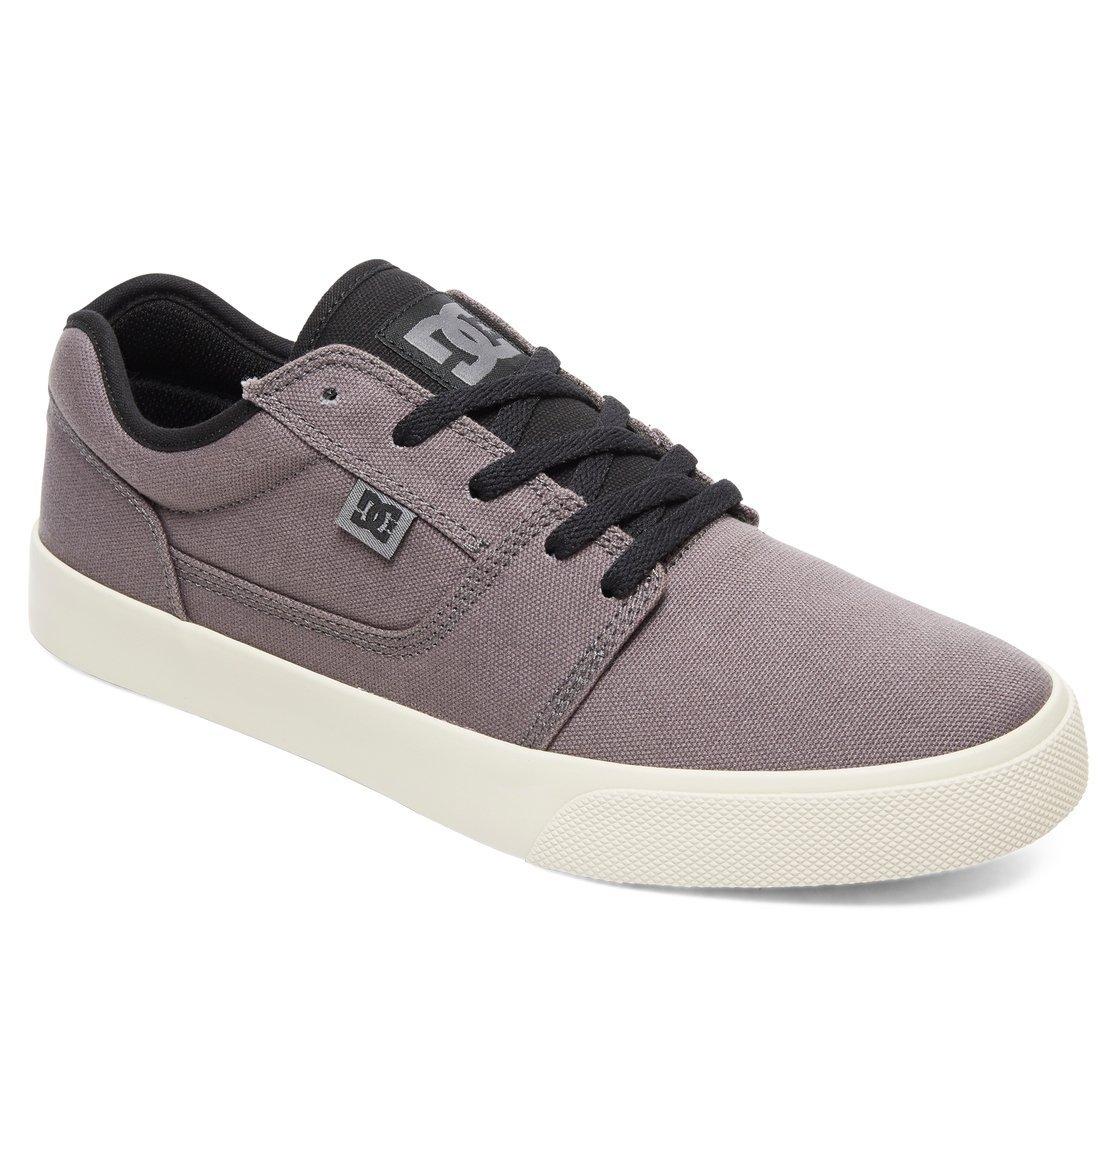 DC Shoes Schoenen »Tonik TX« veilig op otto.nl kopen